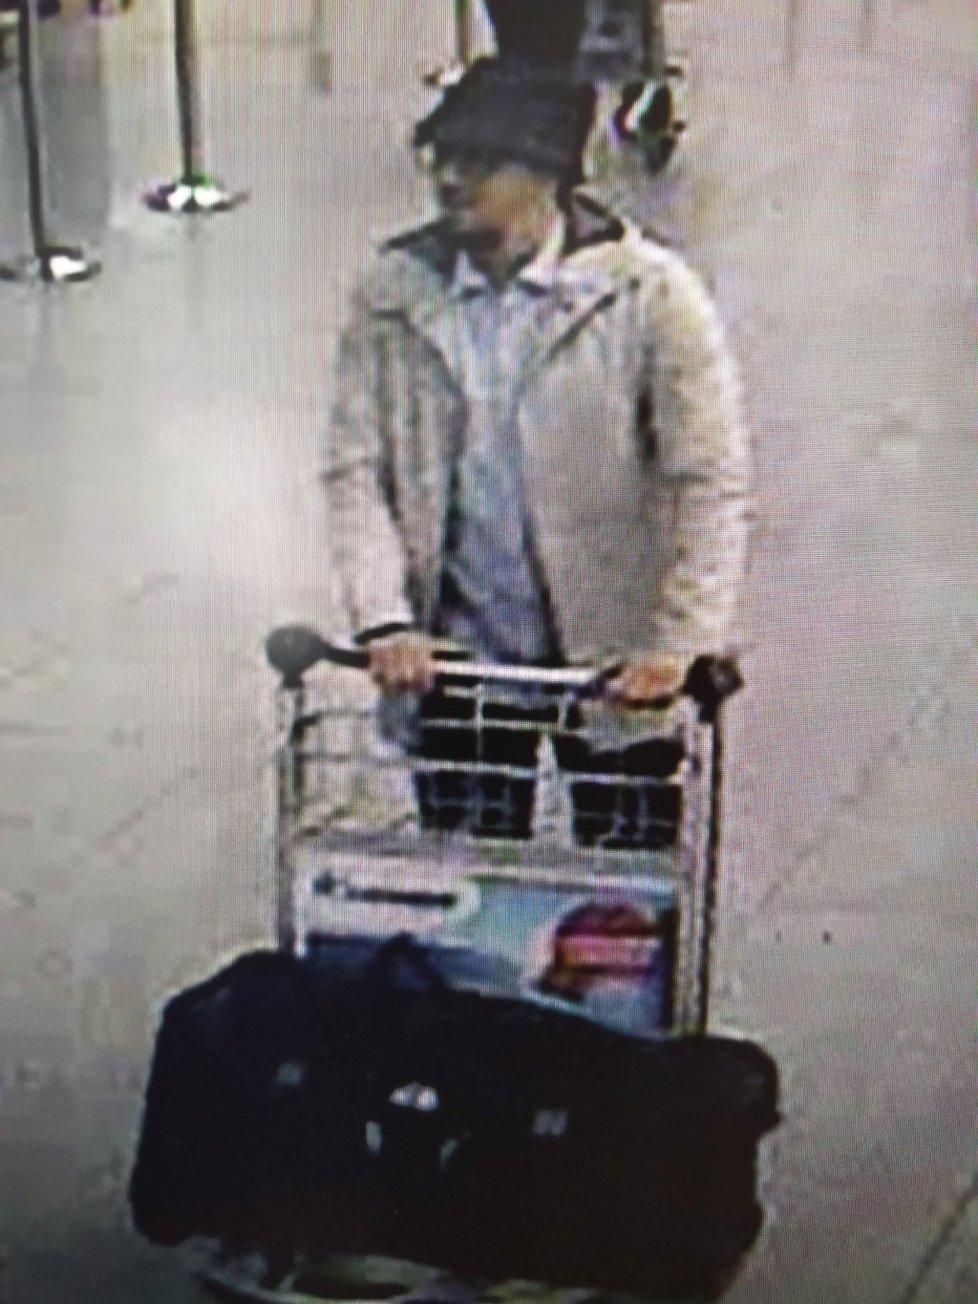 Belgická policie usilovně pátrá po jednom ze tří mužů pravděpodobně odpovědných za dnešní teroristický útok na bruselském letišti. Dva zahynuli, když se vyhodili do povětří, a jeden je podle všeho na útěku, informovala belgická veřejnoprávní televize RTBF.